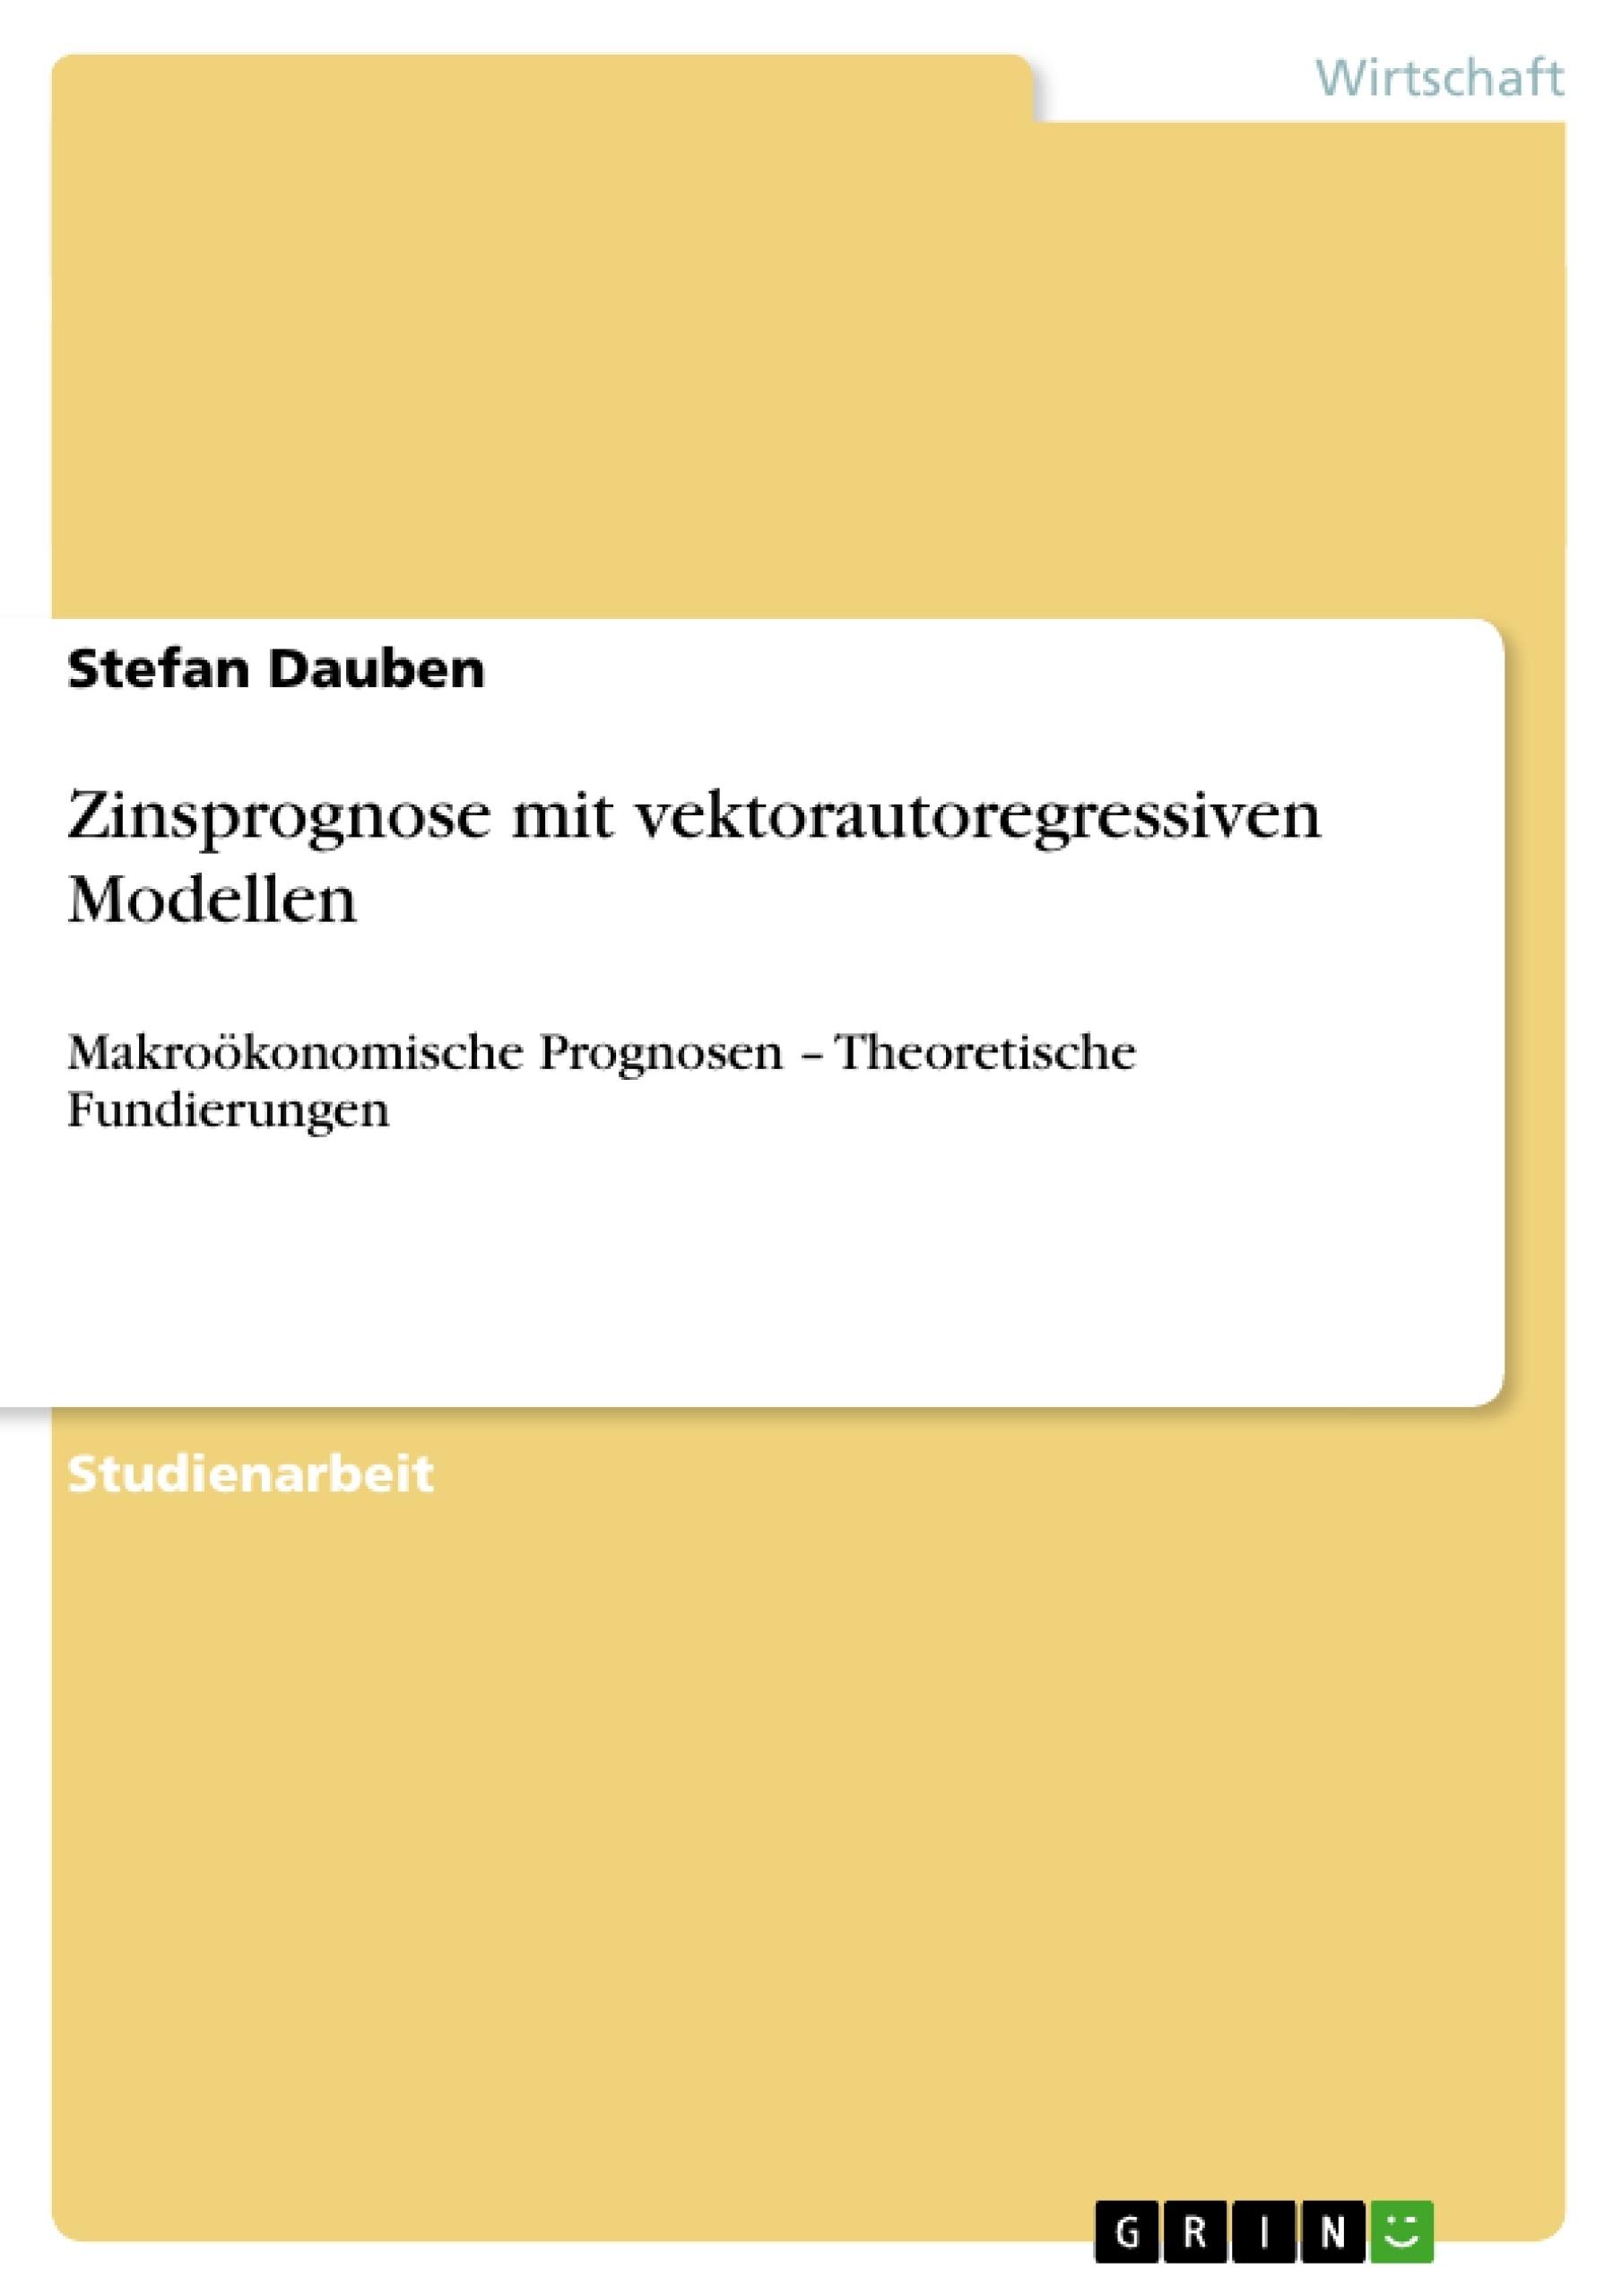 Titel: Zinsprognose mit vektorautoregressiven Modellen